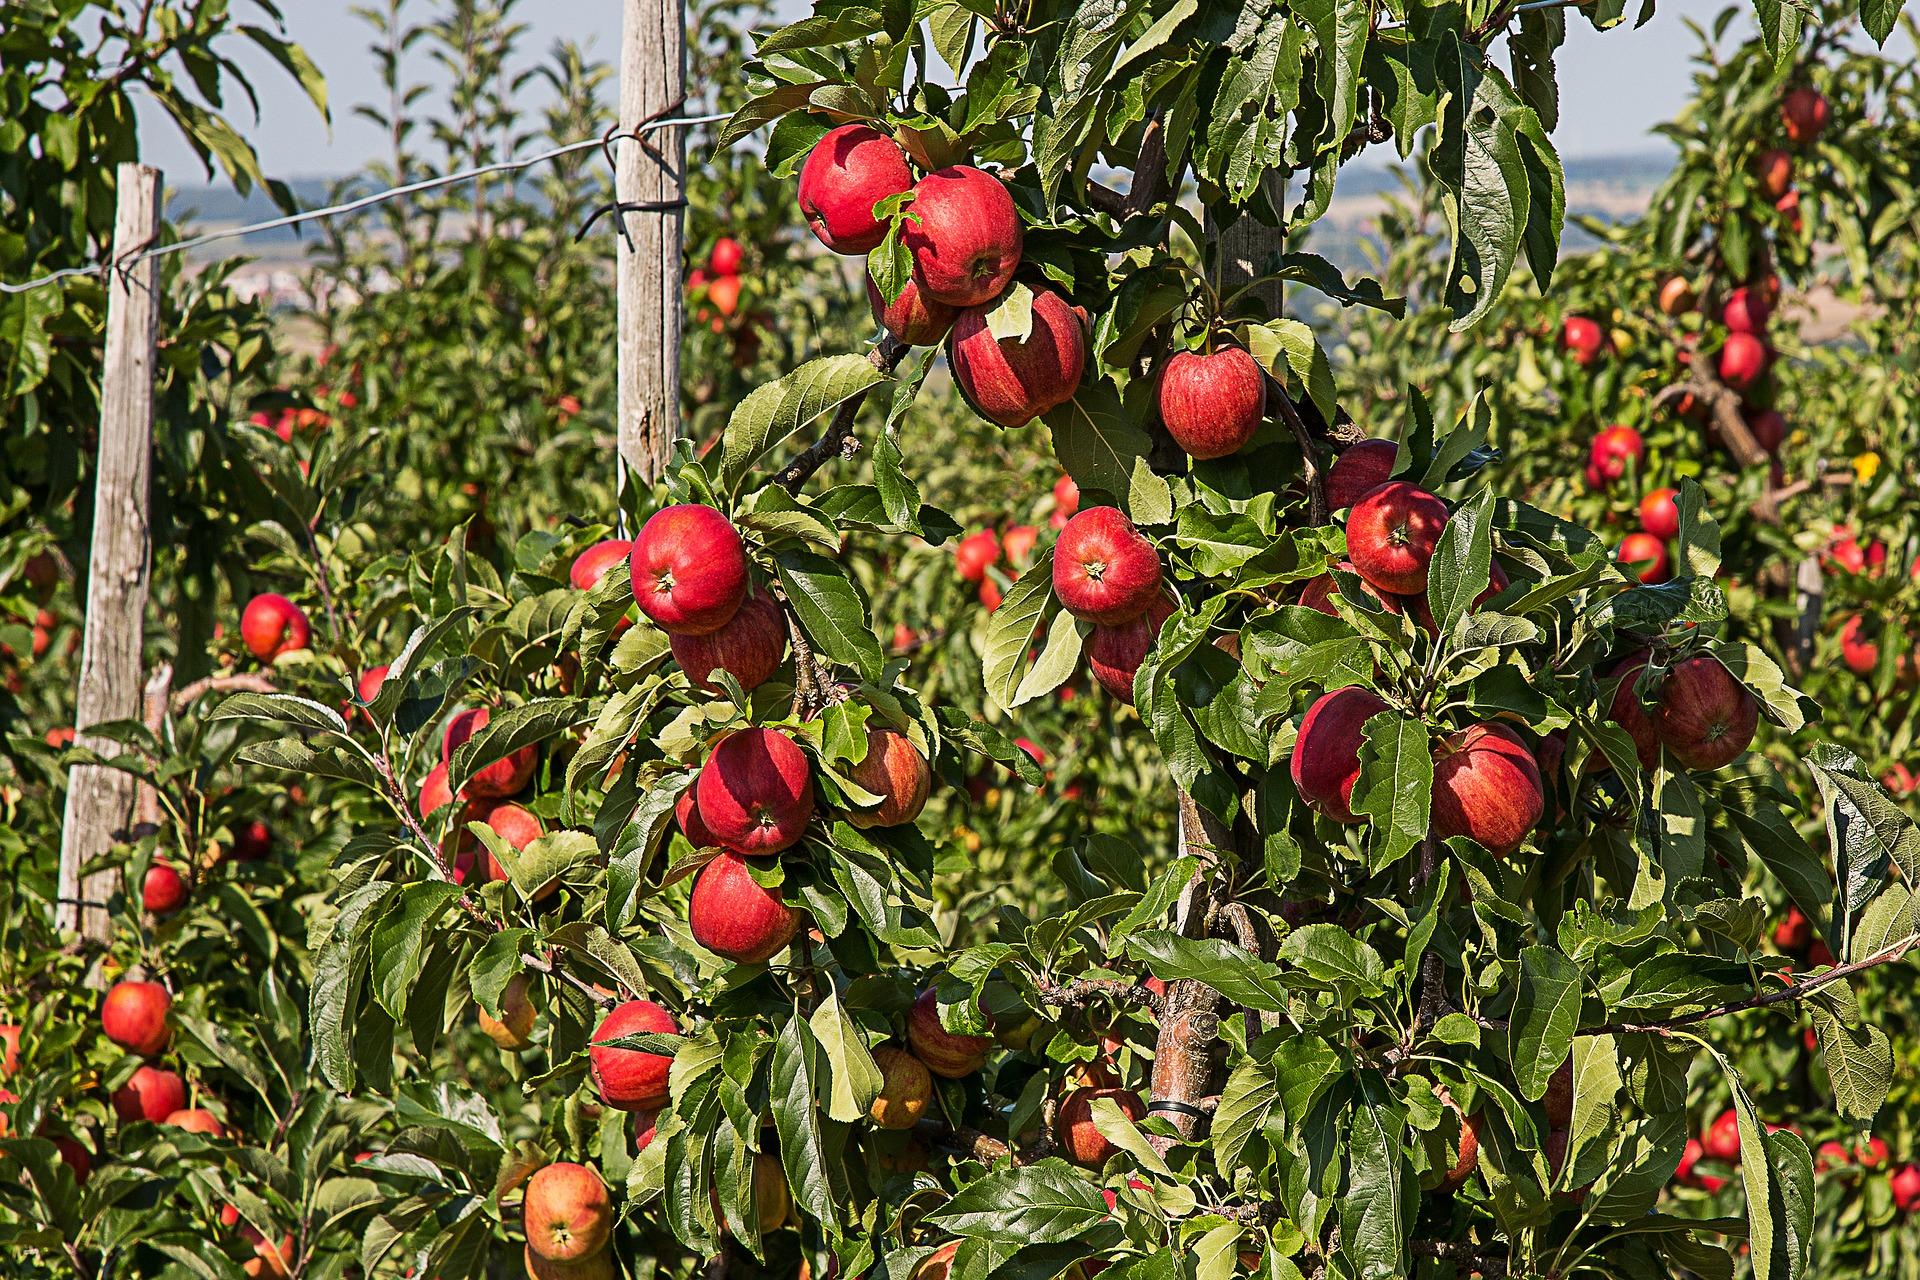 appel-apple-fruit-vrug-vrugteboom-tree